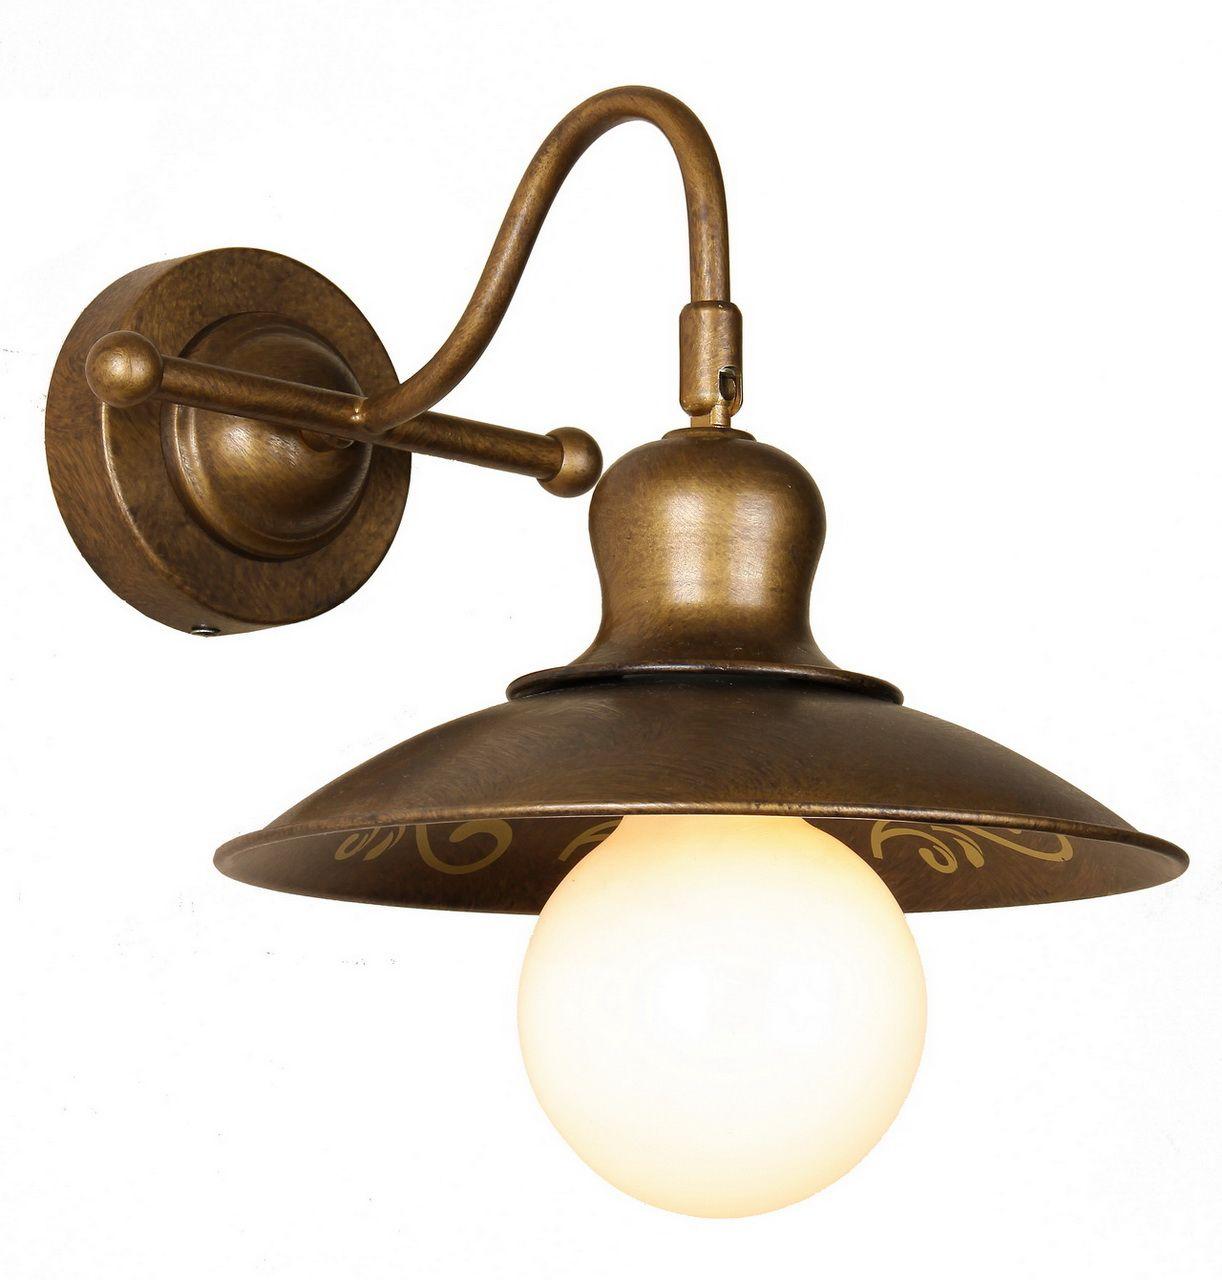 Бра Favourite Magrib, 1 х E27, 60. 1214-1W1214-1WВажным моментом в оформлении любого интерьера является грамотная расстановка световых акцентов. Сфокусировать внимание на деталях оформления комнаты и эффектно их подчеркнуть поможет настенное бра Magrib немецкого бренда Favourite. Данный светильник обладает как прекрасными декоративными качествами, так и отличными эксплуатационными характеристиками. Дизайн изделия оформлен в соответствии с тенденциями классического стиля, особенно полюбившегося дизайнерам интерьеров. Передовые технологии производства и использование прочных материалов обеспечивают надежность и долговечность изделия. При этом основание и плафон изготовлены из металла. Мощность светильника также заслуживает всяческих похвал: при использовании 1 лампочки с цоколем 1хE27 она достигает 60 Вт. Разместив бра над кроватью или столом, вы сможете создать функциональную световую зону площадью 3,3 кв.м. Практичное и стильное бра Favourite Magrib станет отличным дополнением к оформлению гостиной или спальни и придаст выразительности всей интерьерной композиции.